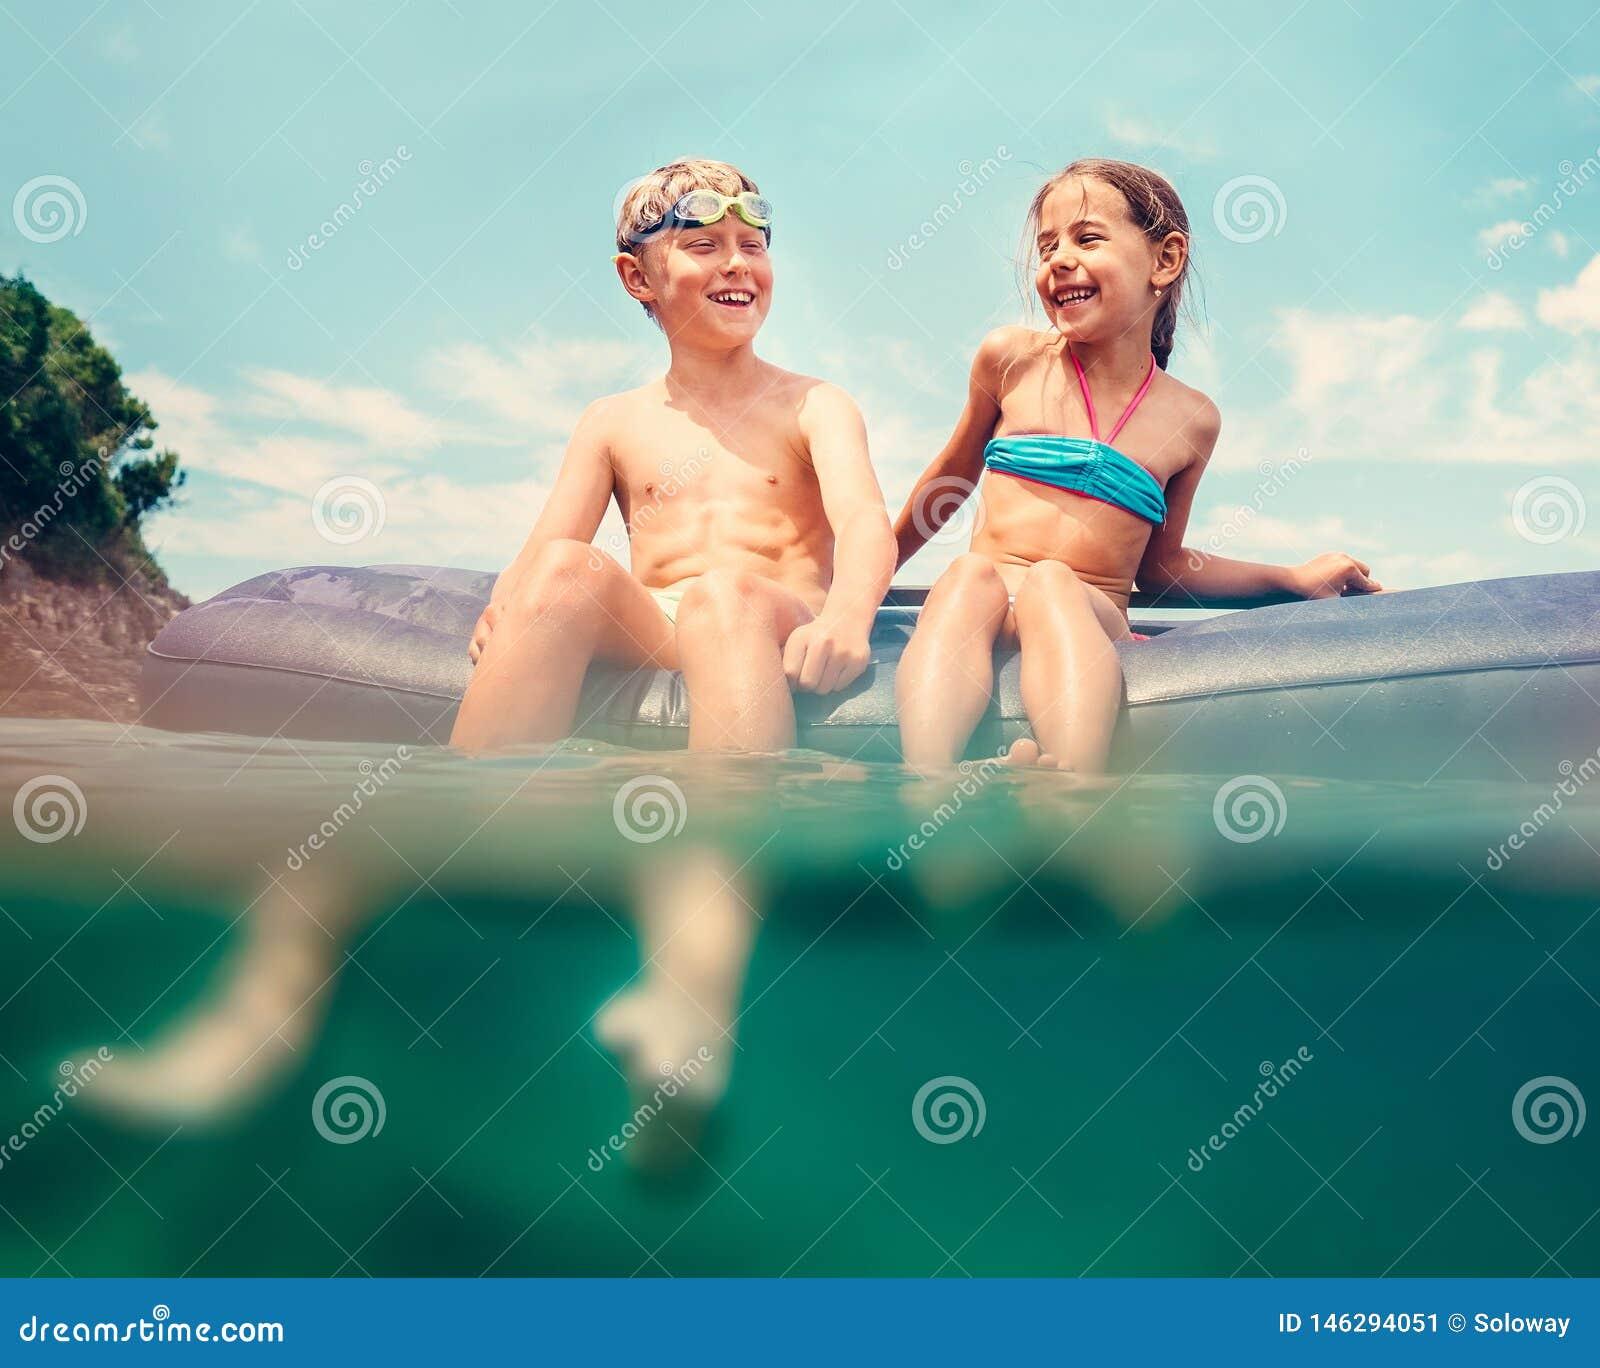 Syster och broder som sitter p? den uppbl?sbara madrassen och tycker om havsvattnet som skrattar glatt n?r bad i havet of?rsiktig